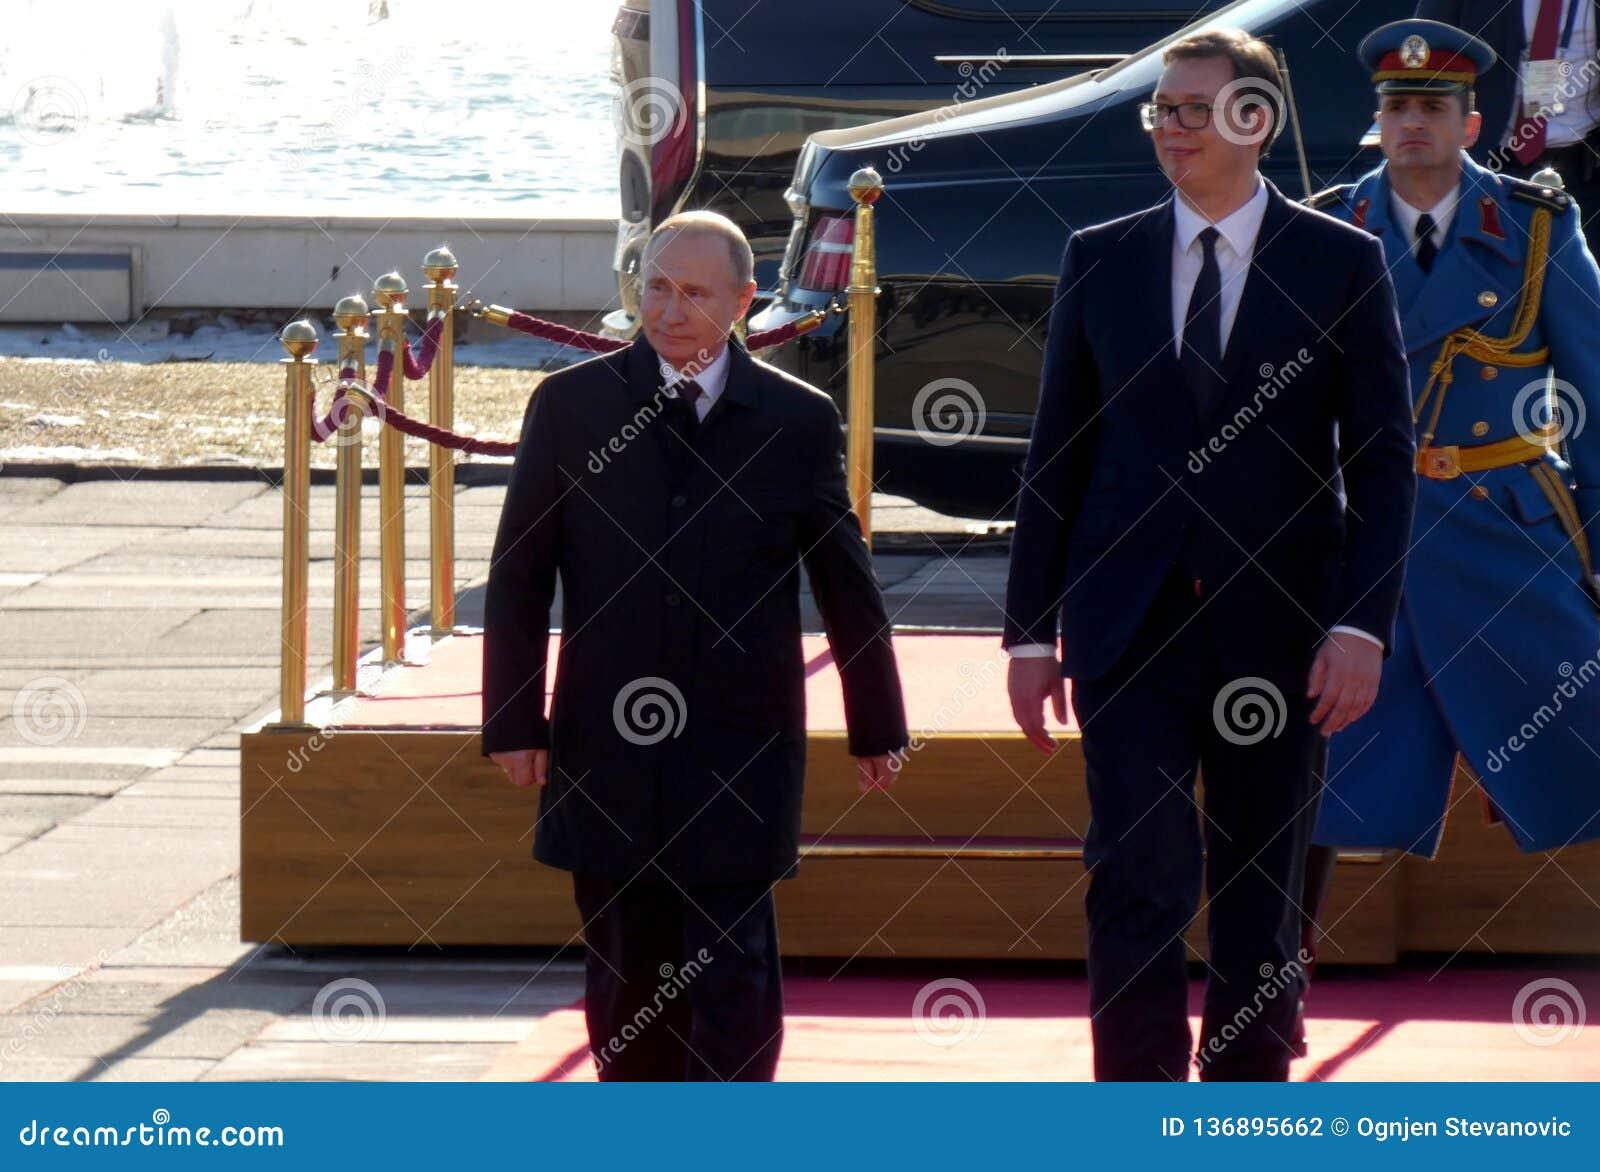 贝尔格莱德塞尔维亚 2019年1月17日 俄罗斯联邦的弗拉基米尔・普京总统,正式访问的向贝尔格莱德,塞尔维亚